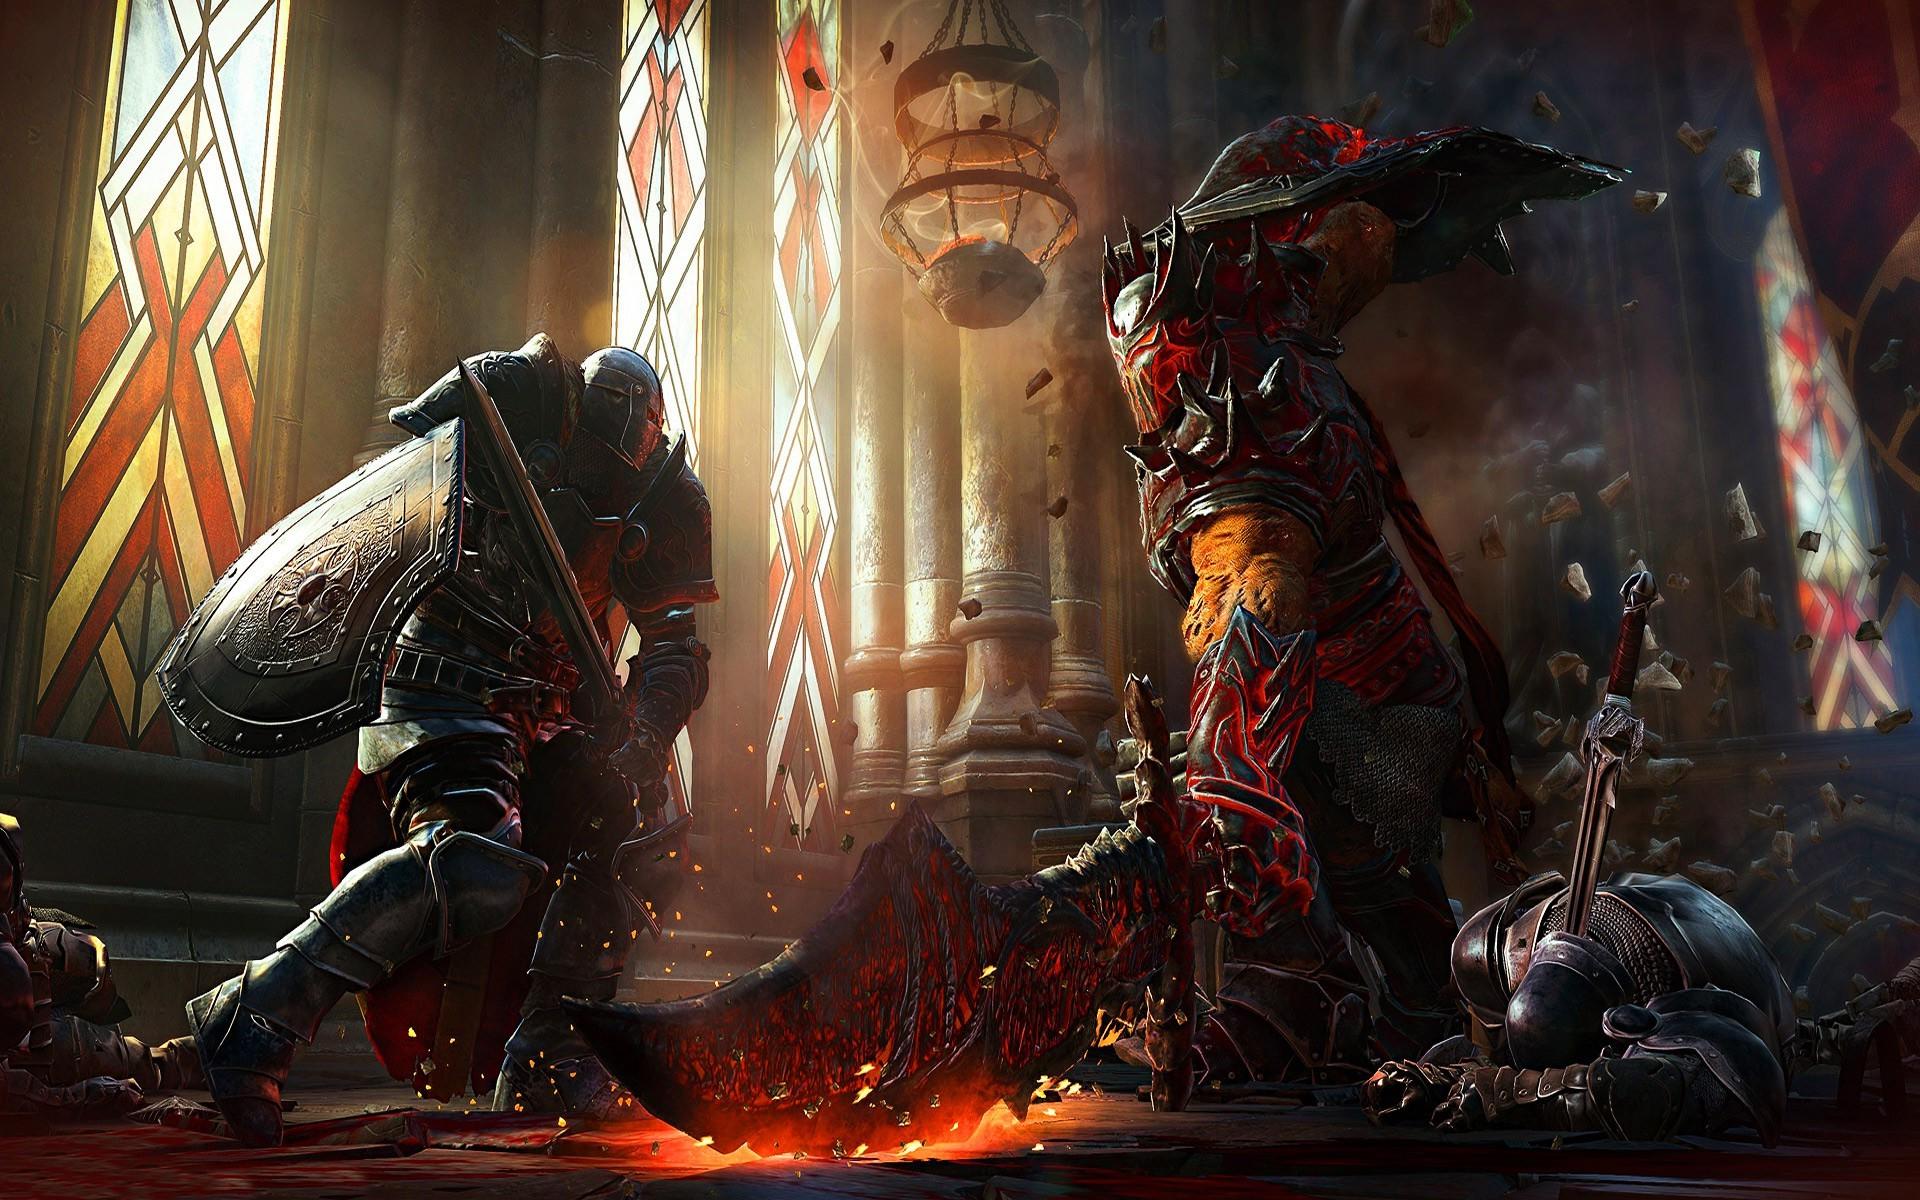 Лучшие картинки для онлайн игр